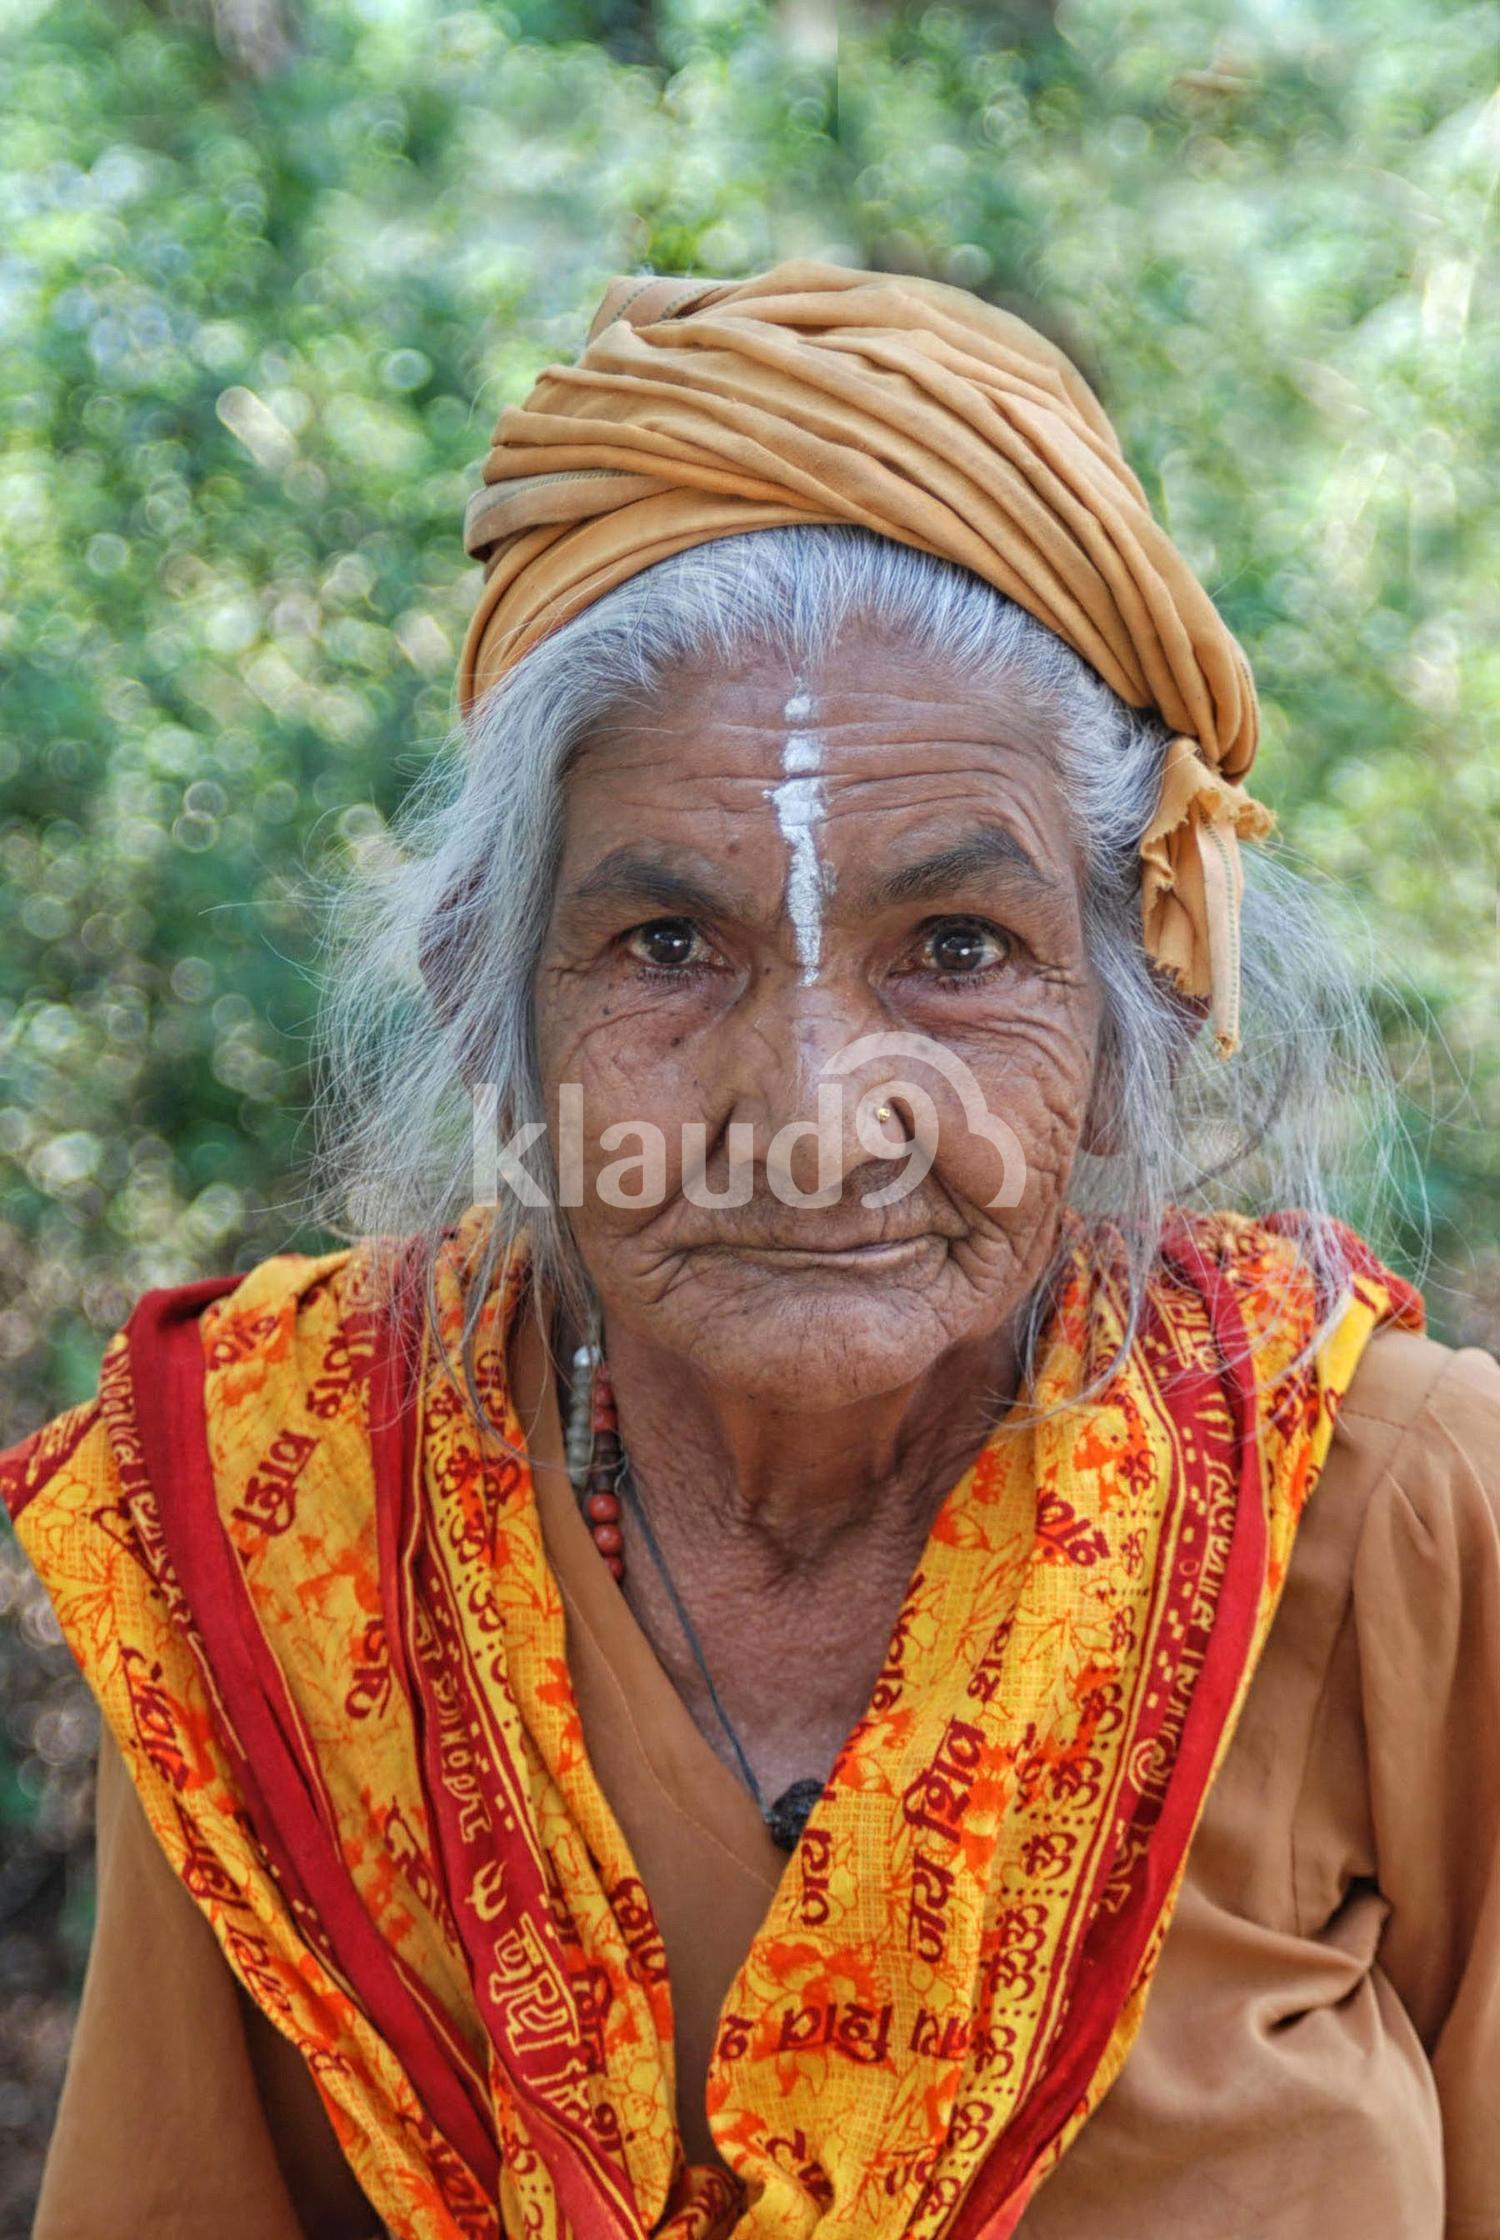 Brahama Lady